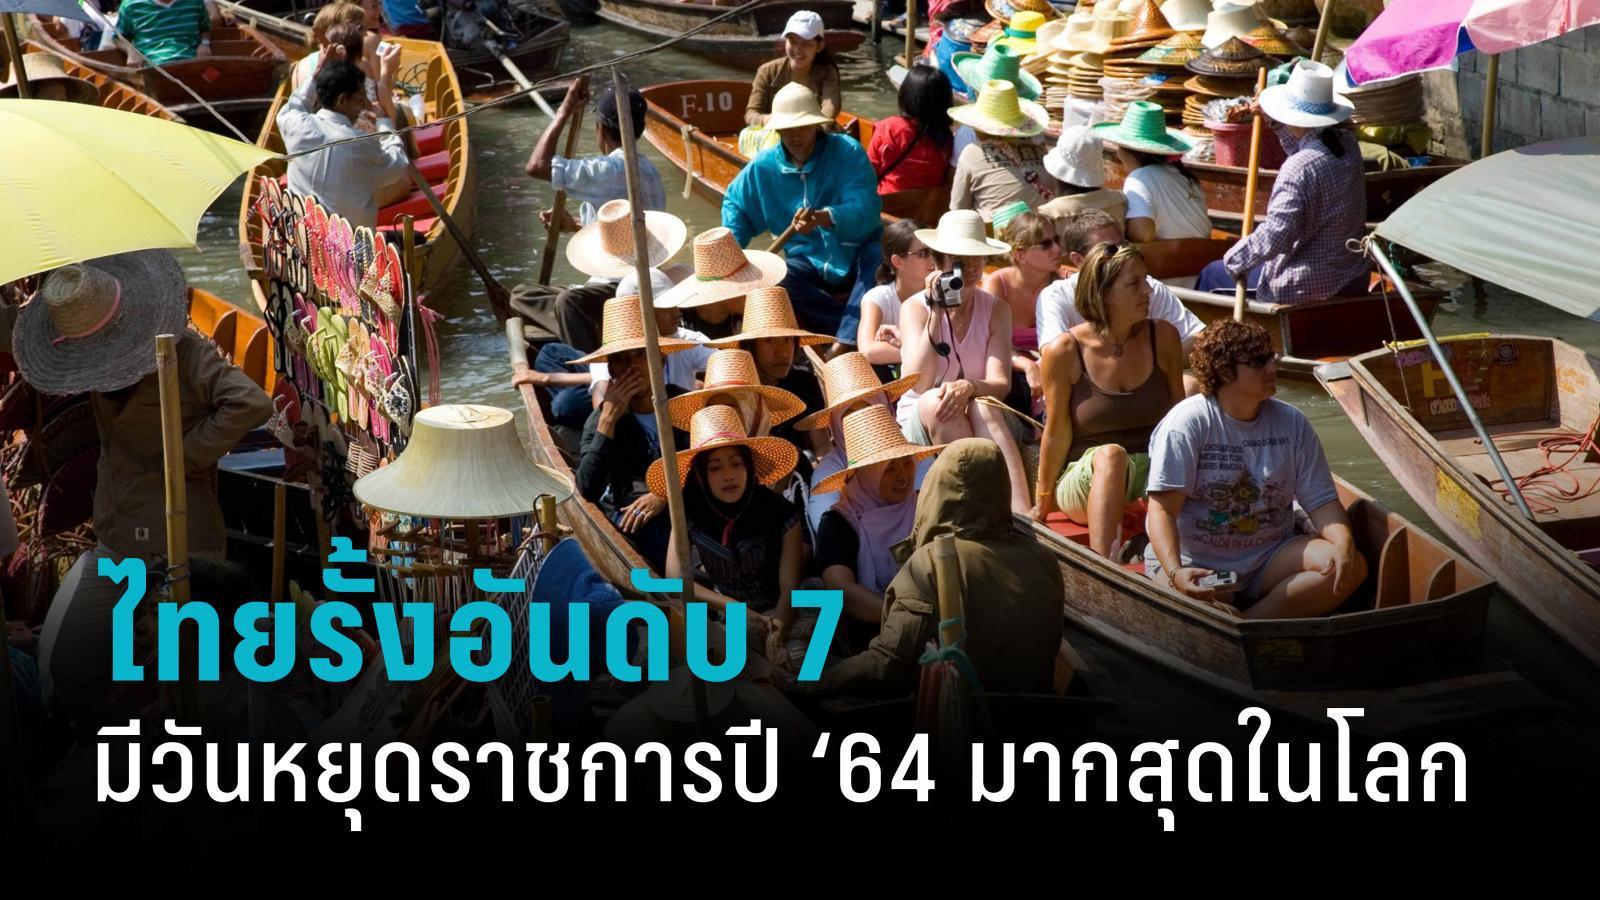 ประเทศไทยรั้งอันดับ 7 มีวันหยุดราชการปี '64 มากที่สุดในโลก